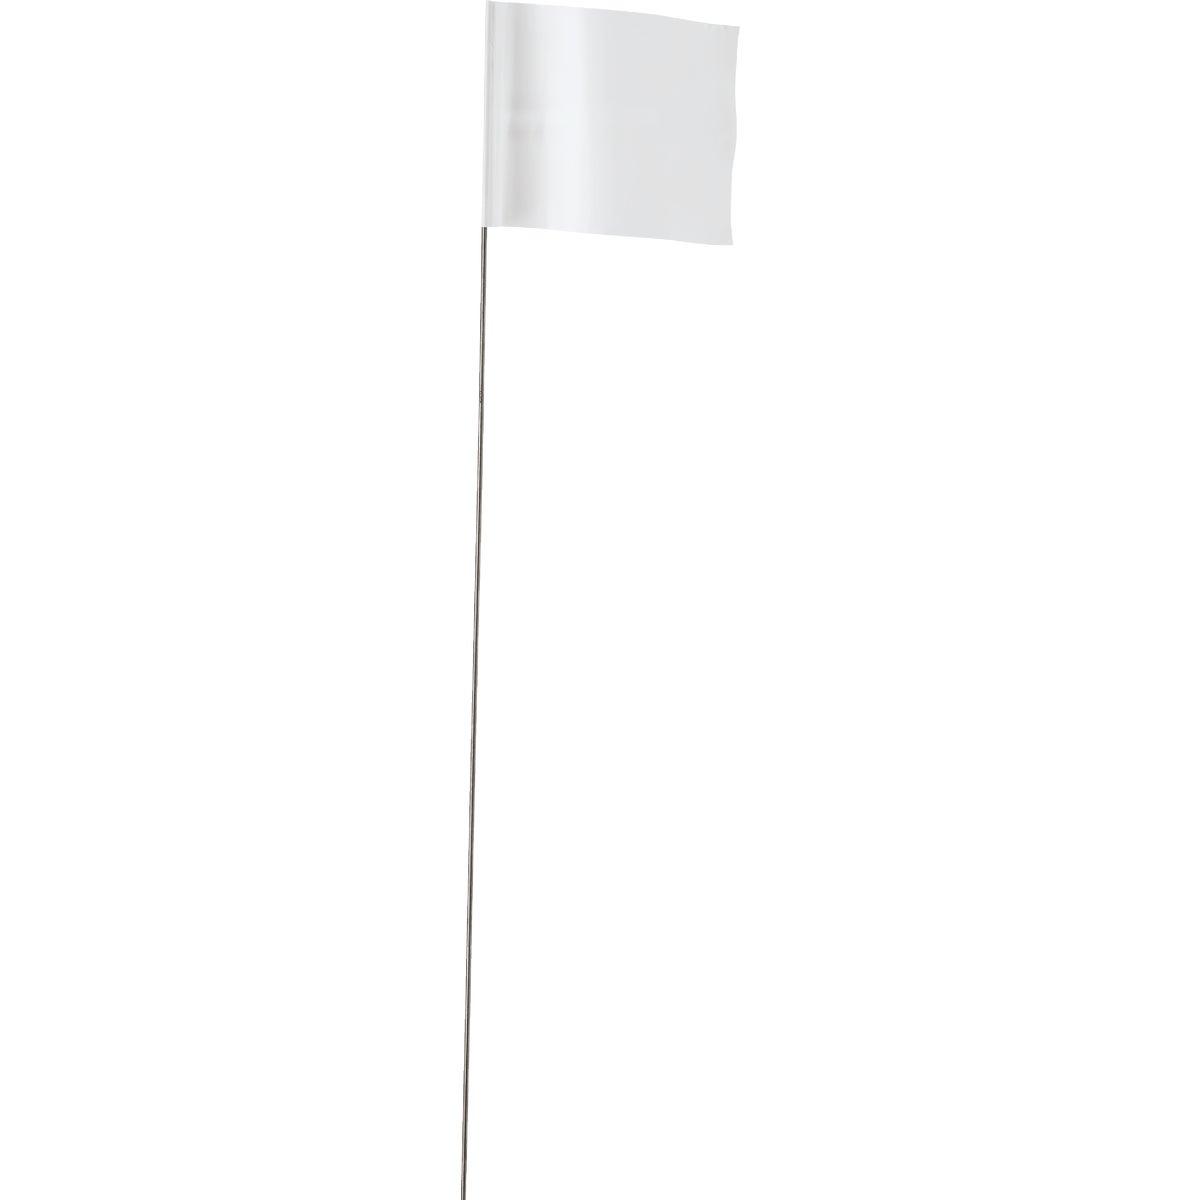 100PK WHITE FLAGS